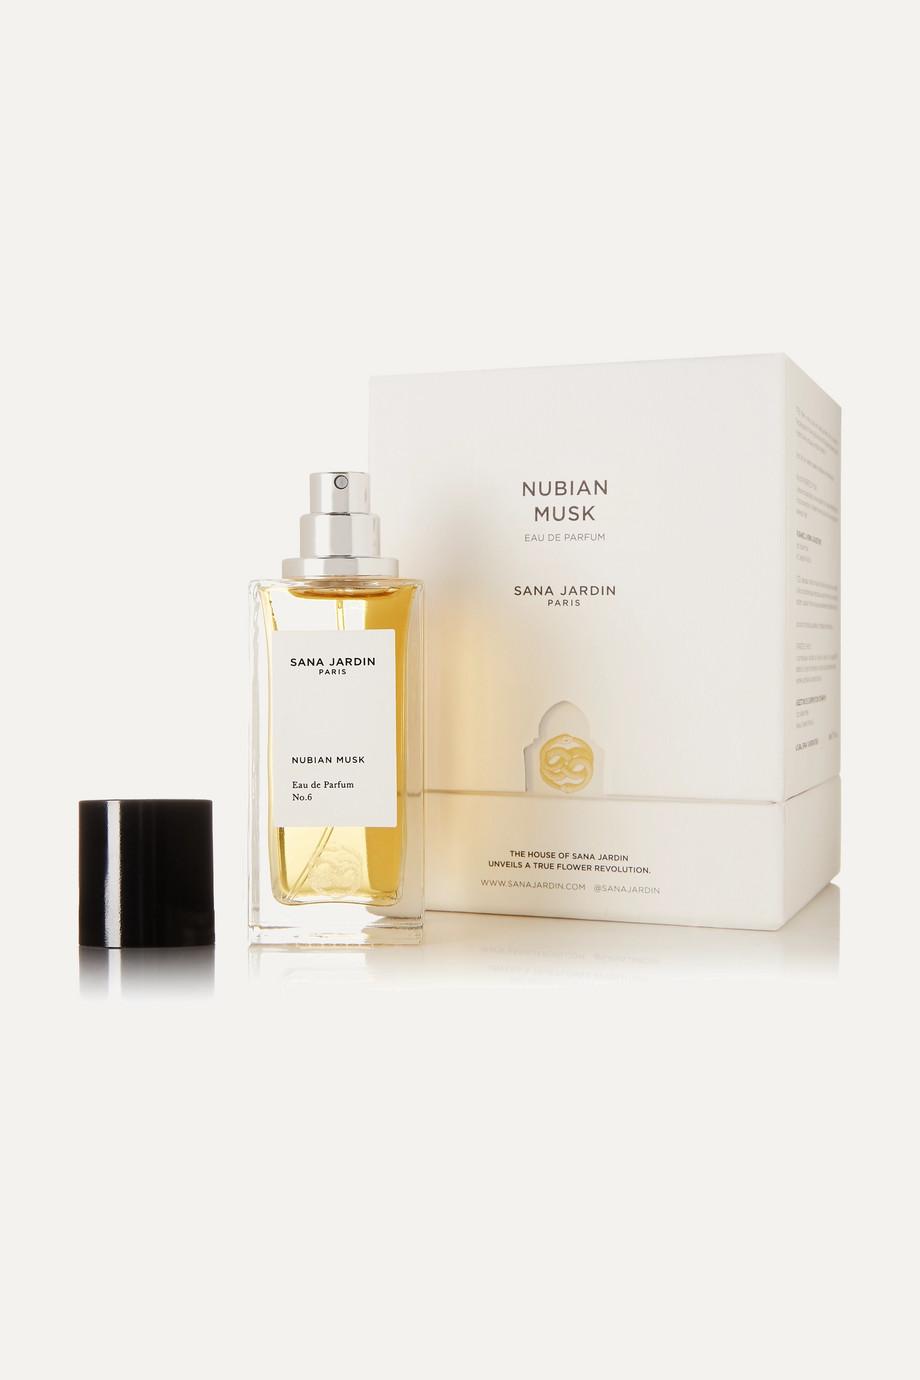 Sana Jardin + NET SUSTAIN Eau de Parfum - Nubian Musk, 50ml